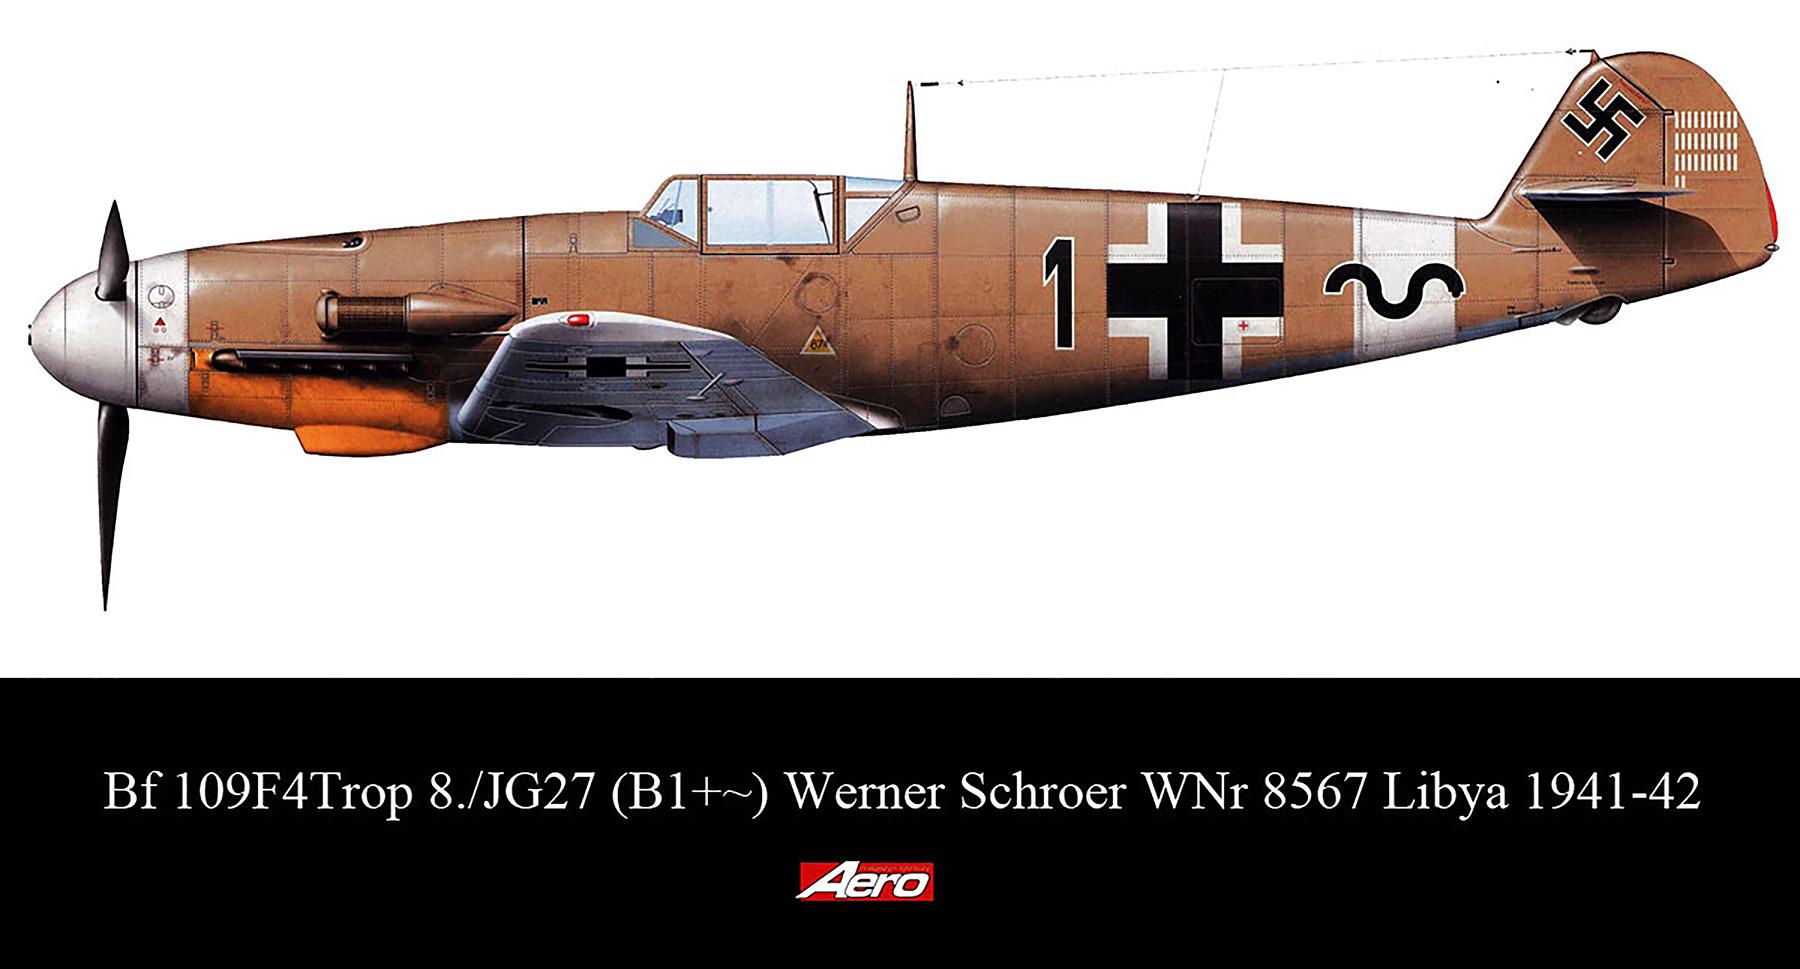 Messerschmitt Bf 109F4Trop 8.JG27 Black 1 Werner Schroer WNr 8567 Libya 1941 42 0A